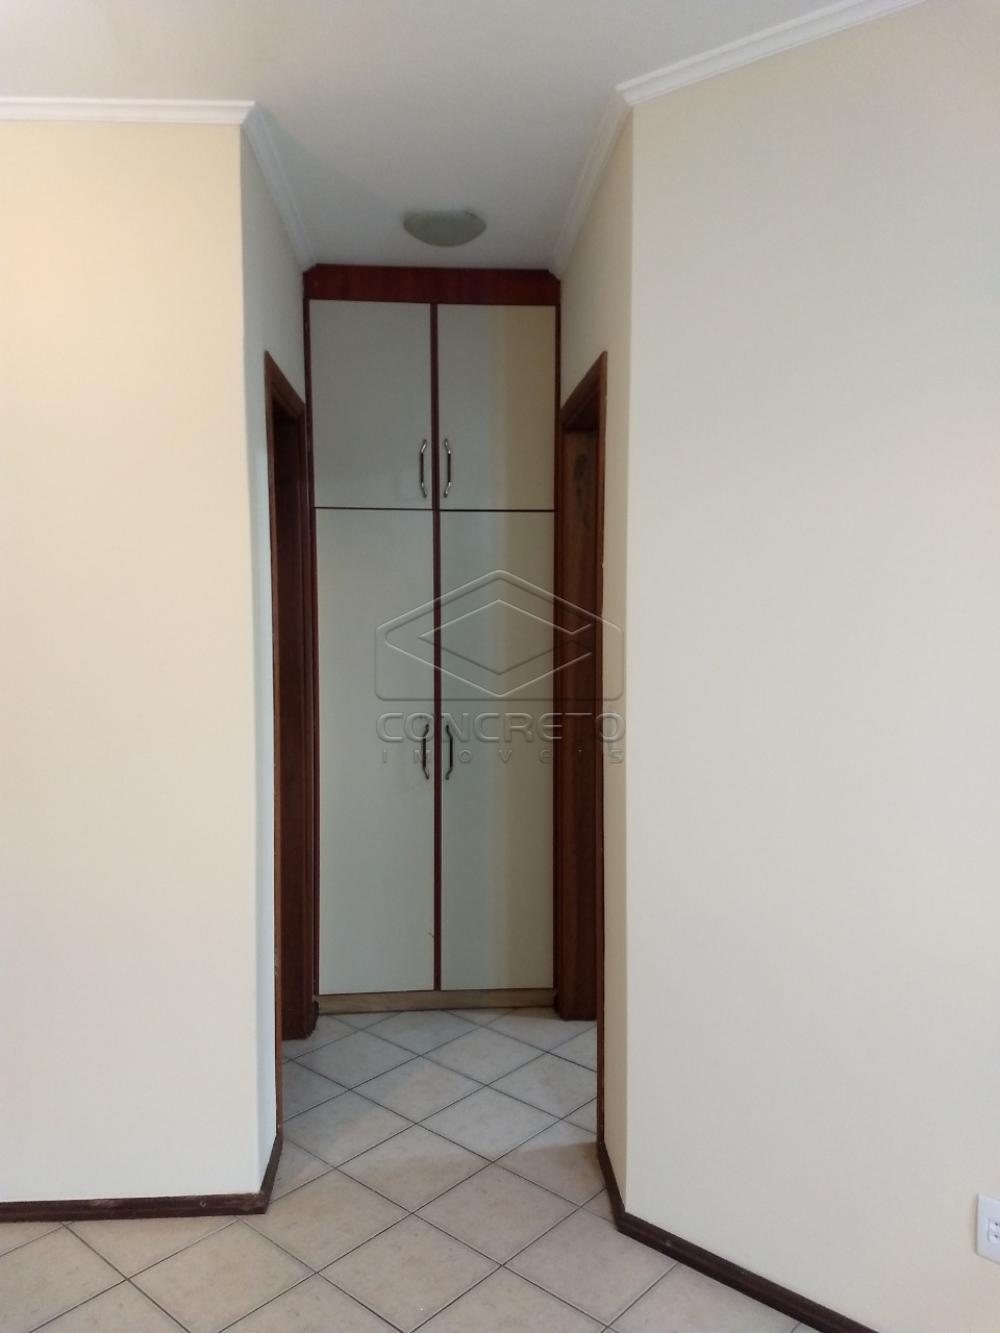 Comprar Apartamento / Padrão em Bauru apenas R$ 200.000,00 - Foto 9